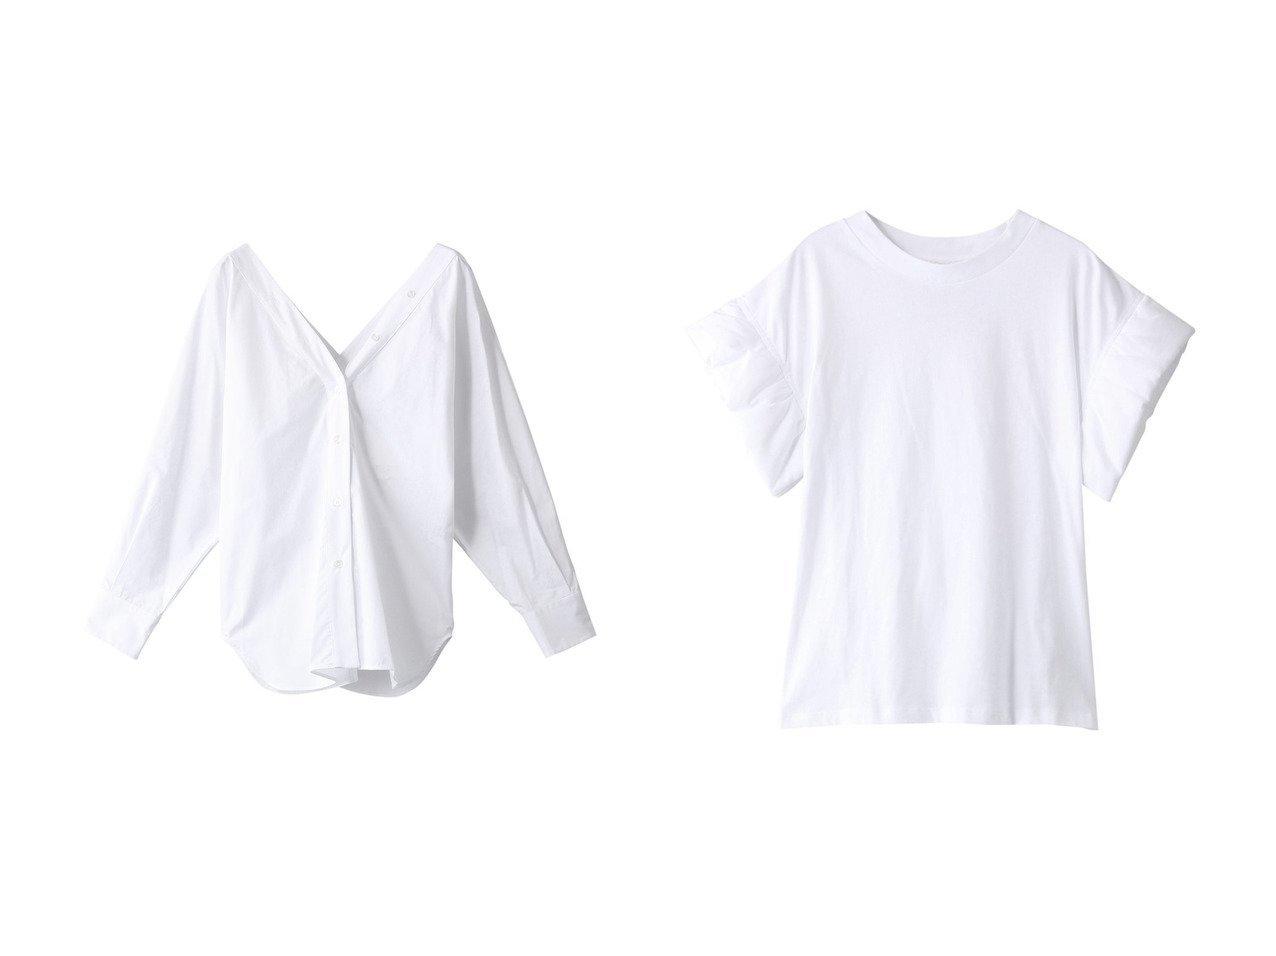 【TELA/テラ】のSAPONE コットンVラインシャツ&IMOLA デザインスリーブ コットンT 【トップス・カットソー】おすすめ!人気、トレンド・レディースファッションの通販  おすすめで人気の流行・トレンド、ファッションの通販商品 メンズファッション・キッズファッション・インテリア・家具・レディースファッション・服の通販 founy(ファニー) https://founy.com/ ファッション Fashion レディースファッション WOMEN トップス・カットソー Tops/Tshirt シャツ/ブラウス Shirts/Blouses ロング / Tシャツ T-Shirts カットソー Cut and Sewn 2021年 2021 2021春夏・S/S SS/Spring/Summer/2021 S/S・春夏 SS・Spring/Summer おすすめ Recommend カーディガン スリーブ ベーシック ロング 春 Spring 羽織 ショート シンプル |ID:crp329100000028280